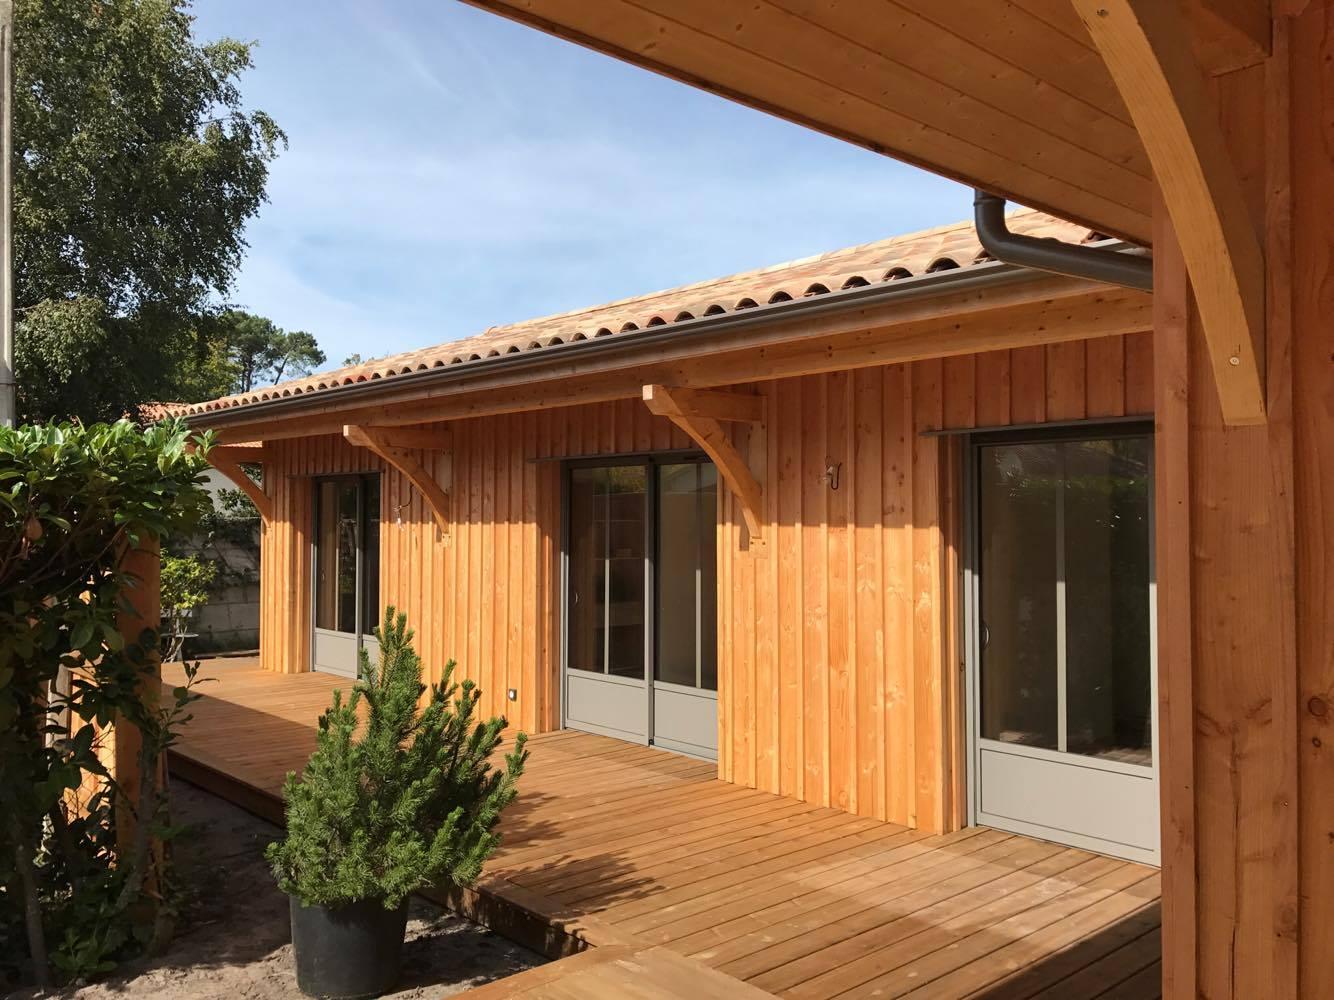 maison ossature bois bardage vertical lacanau r alis e par ami bois 33. Black Bedroom Furniture Sets. Home Design Ideas